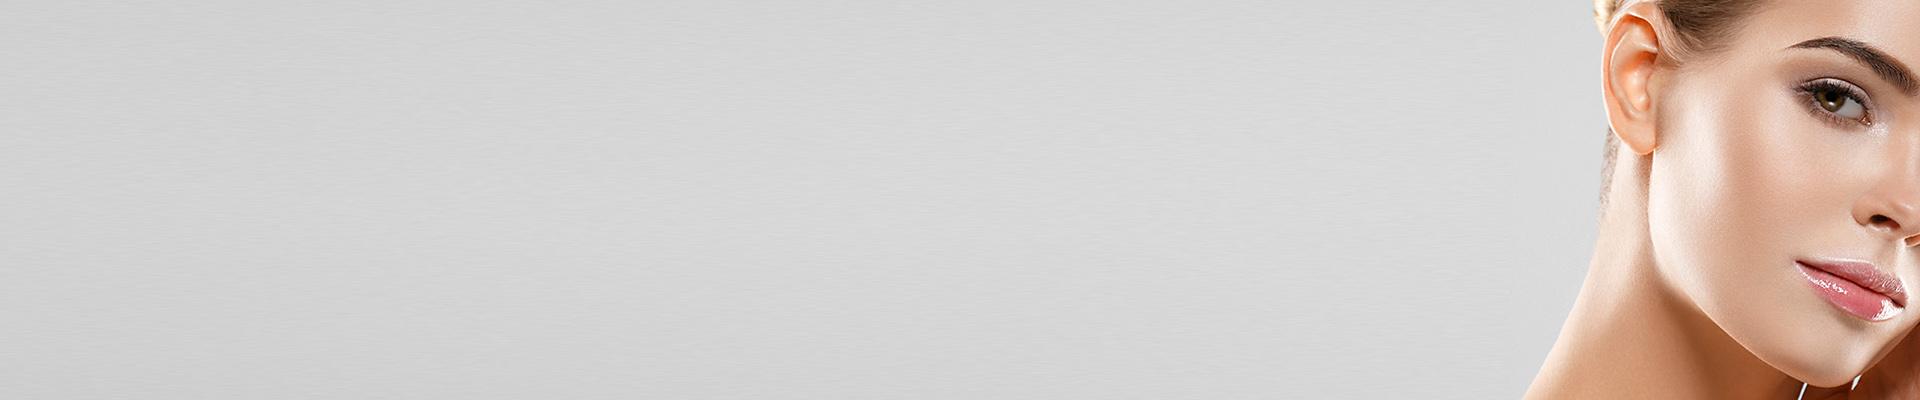 Microdermabrasion - exfoliation, régénération et oxygénation de la peau | Soins corps et visage | Centre d'Esthétique à Boucherville, Longueuil et Saint-Lambert